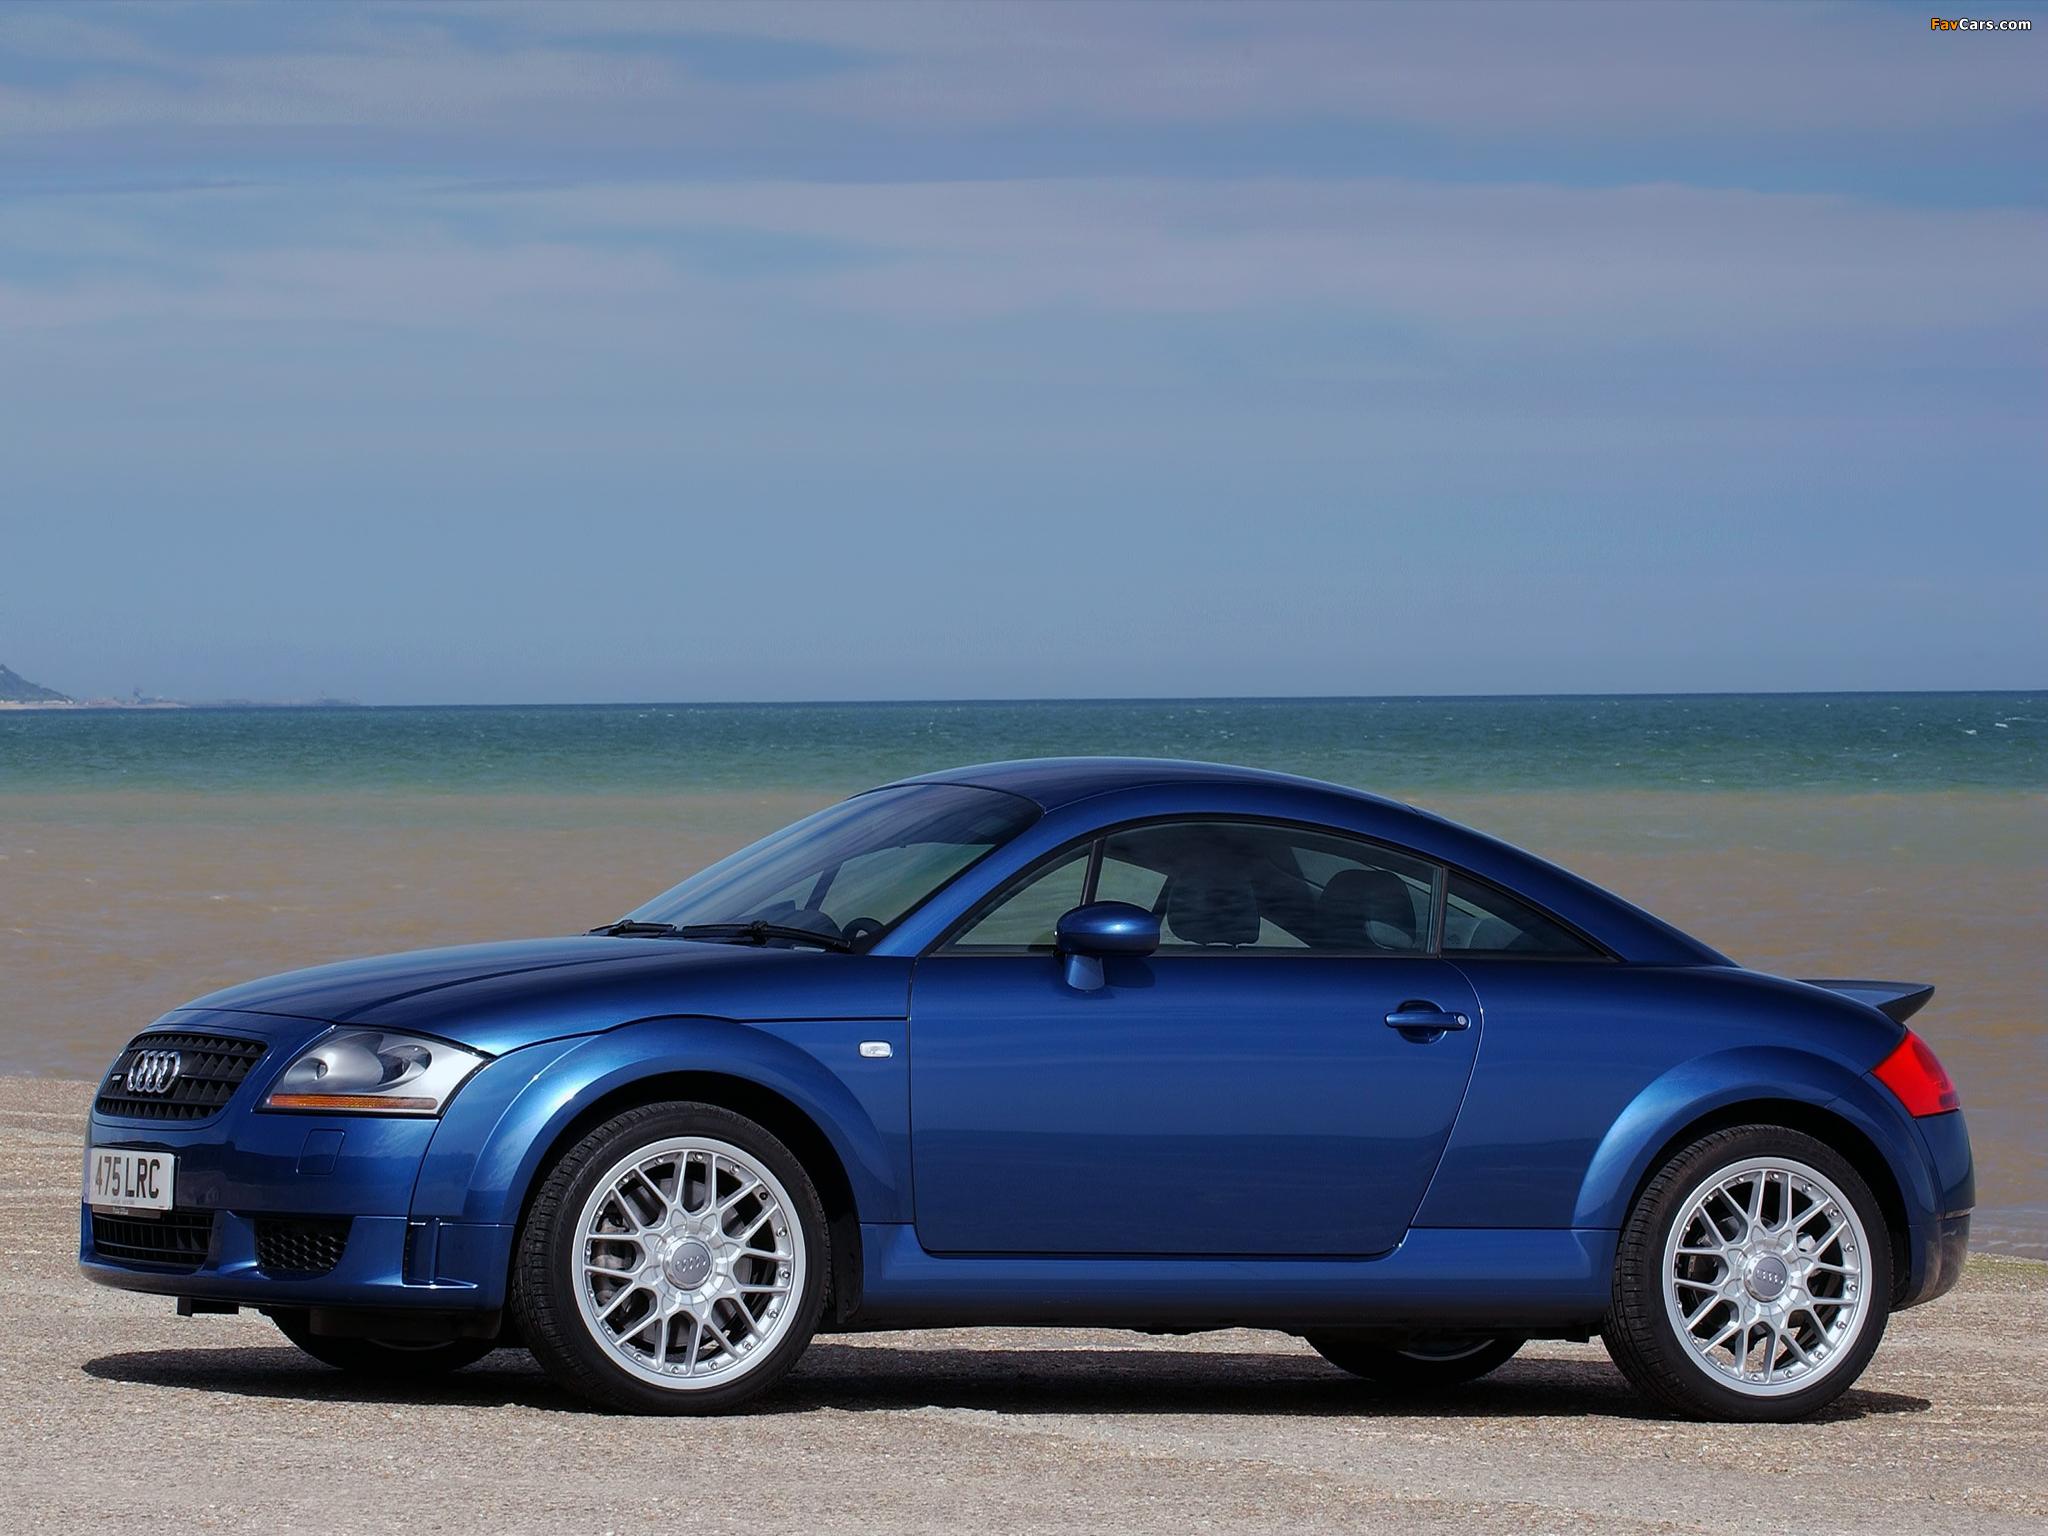 Audi Tt 3 2 Quattro Coupe Uk Spec 8n 2003 06 Images